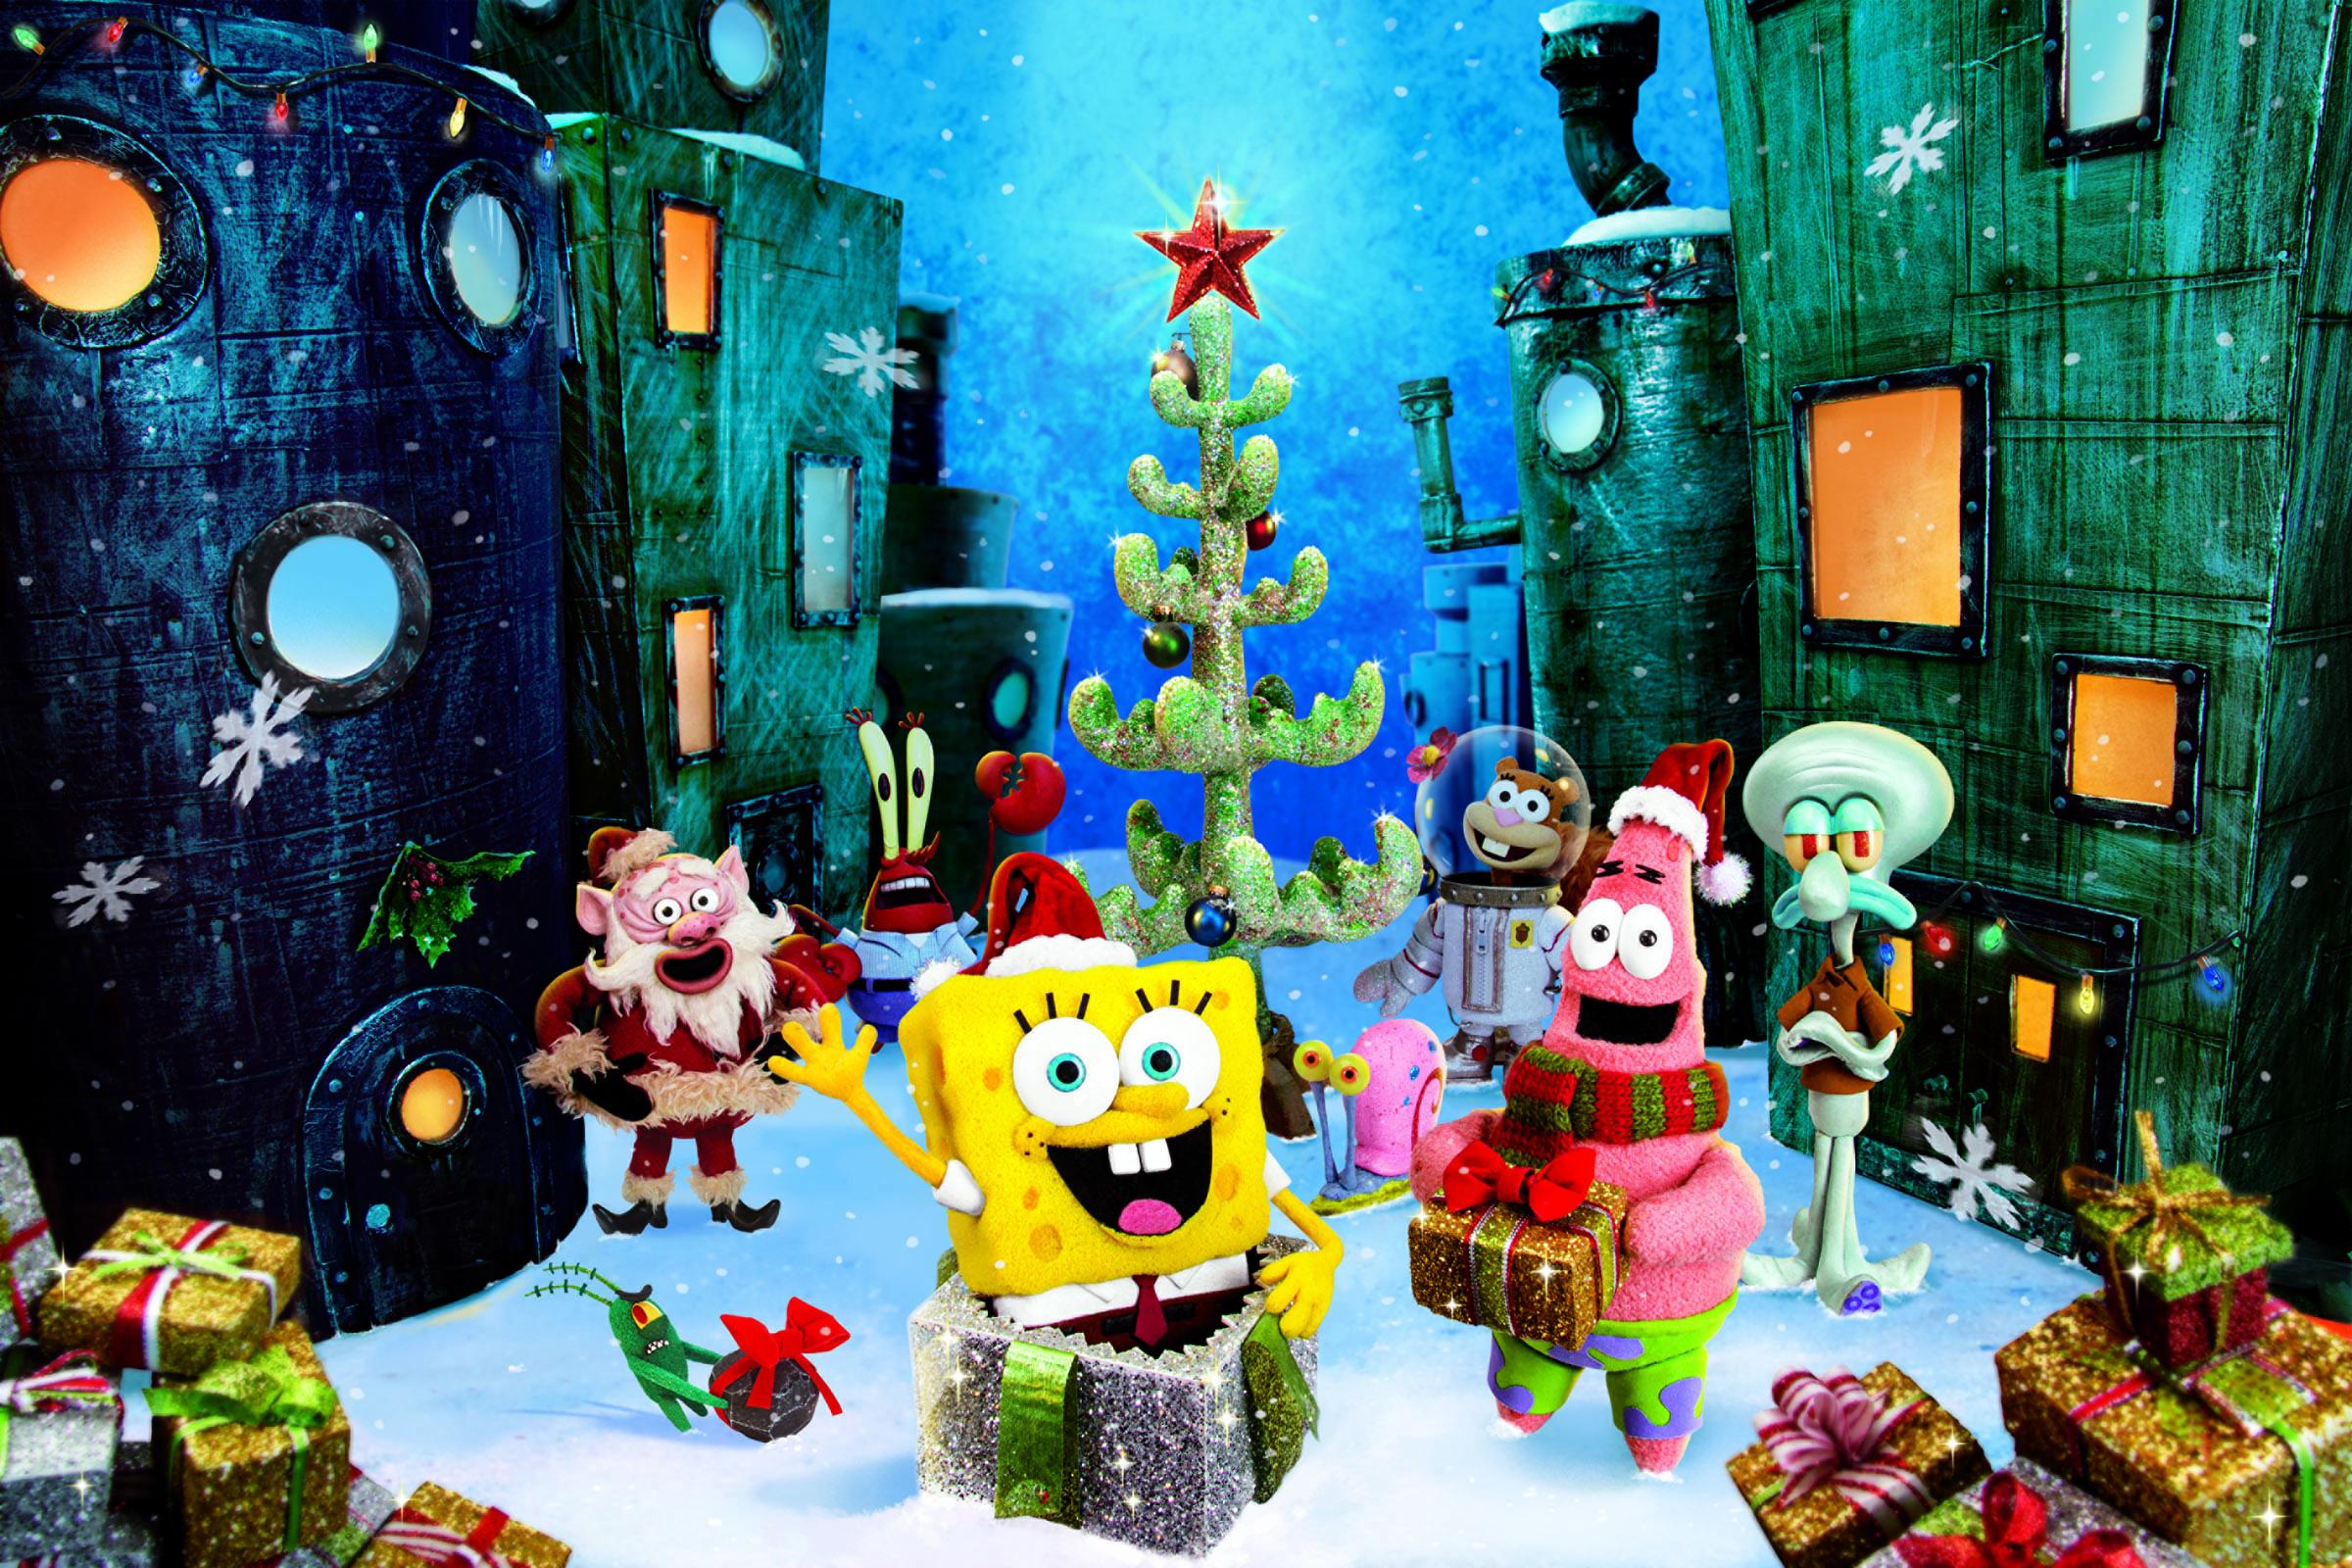 Its A SpongeBob Christmas Review